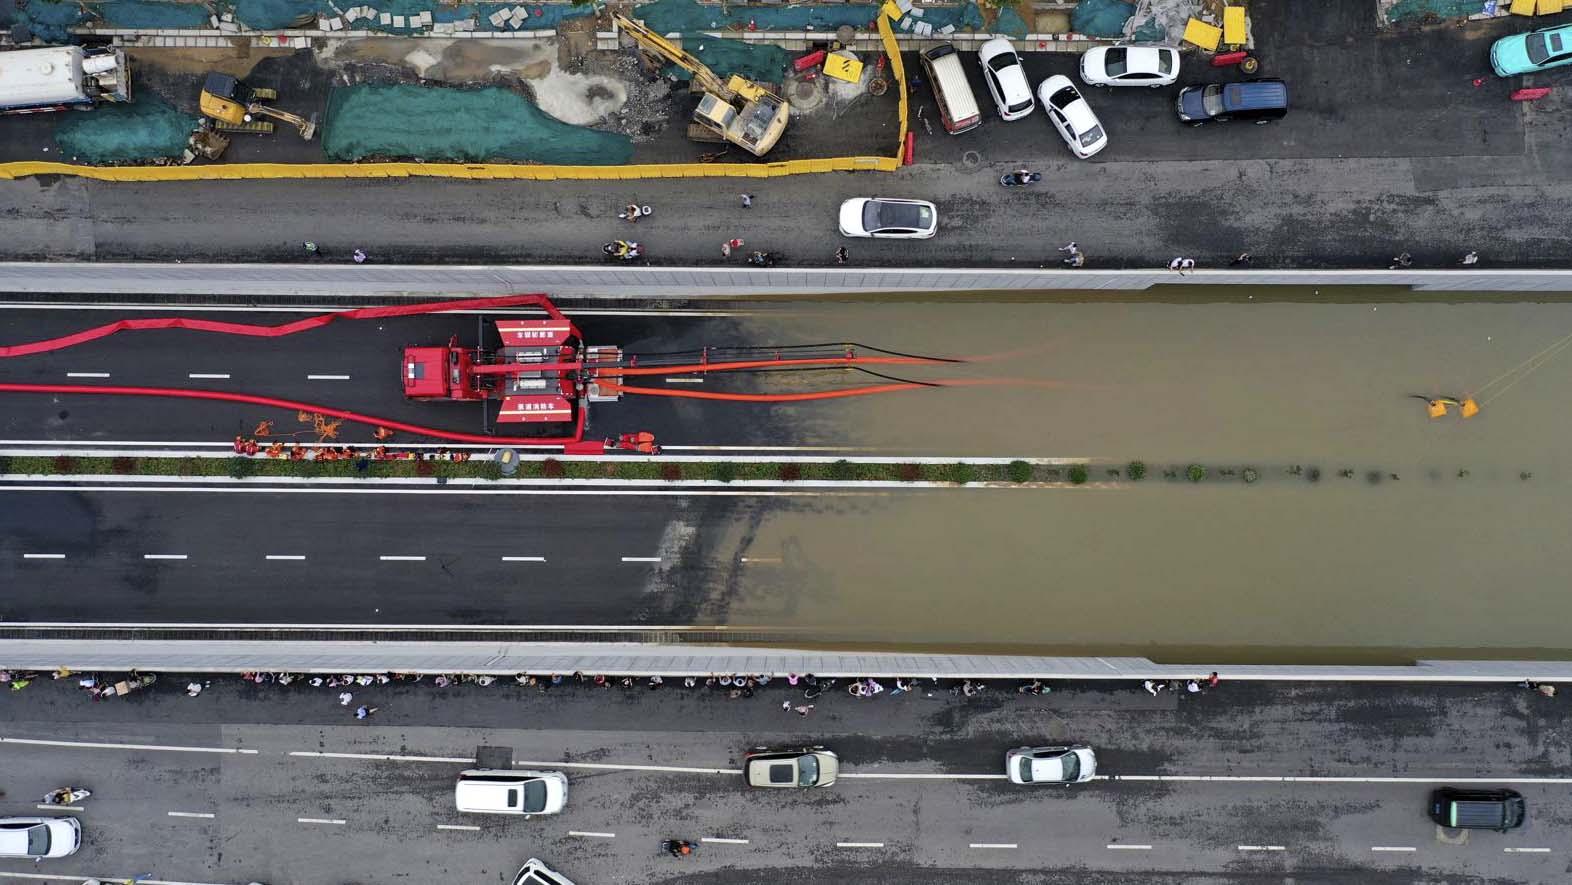 这张航拍照片中,消防队员于 2021 年 7 月 21 日从郑州市的隧道抽出雨水。(图片来源:美联社)